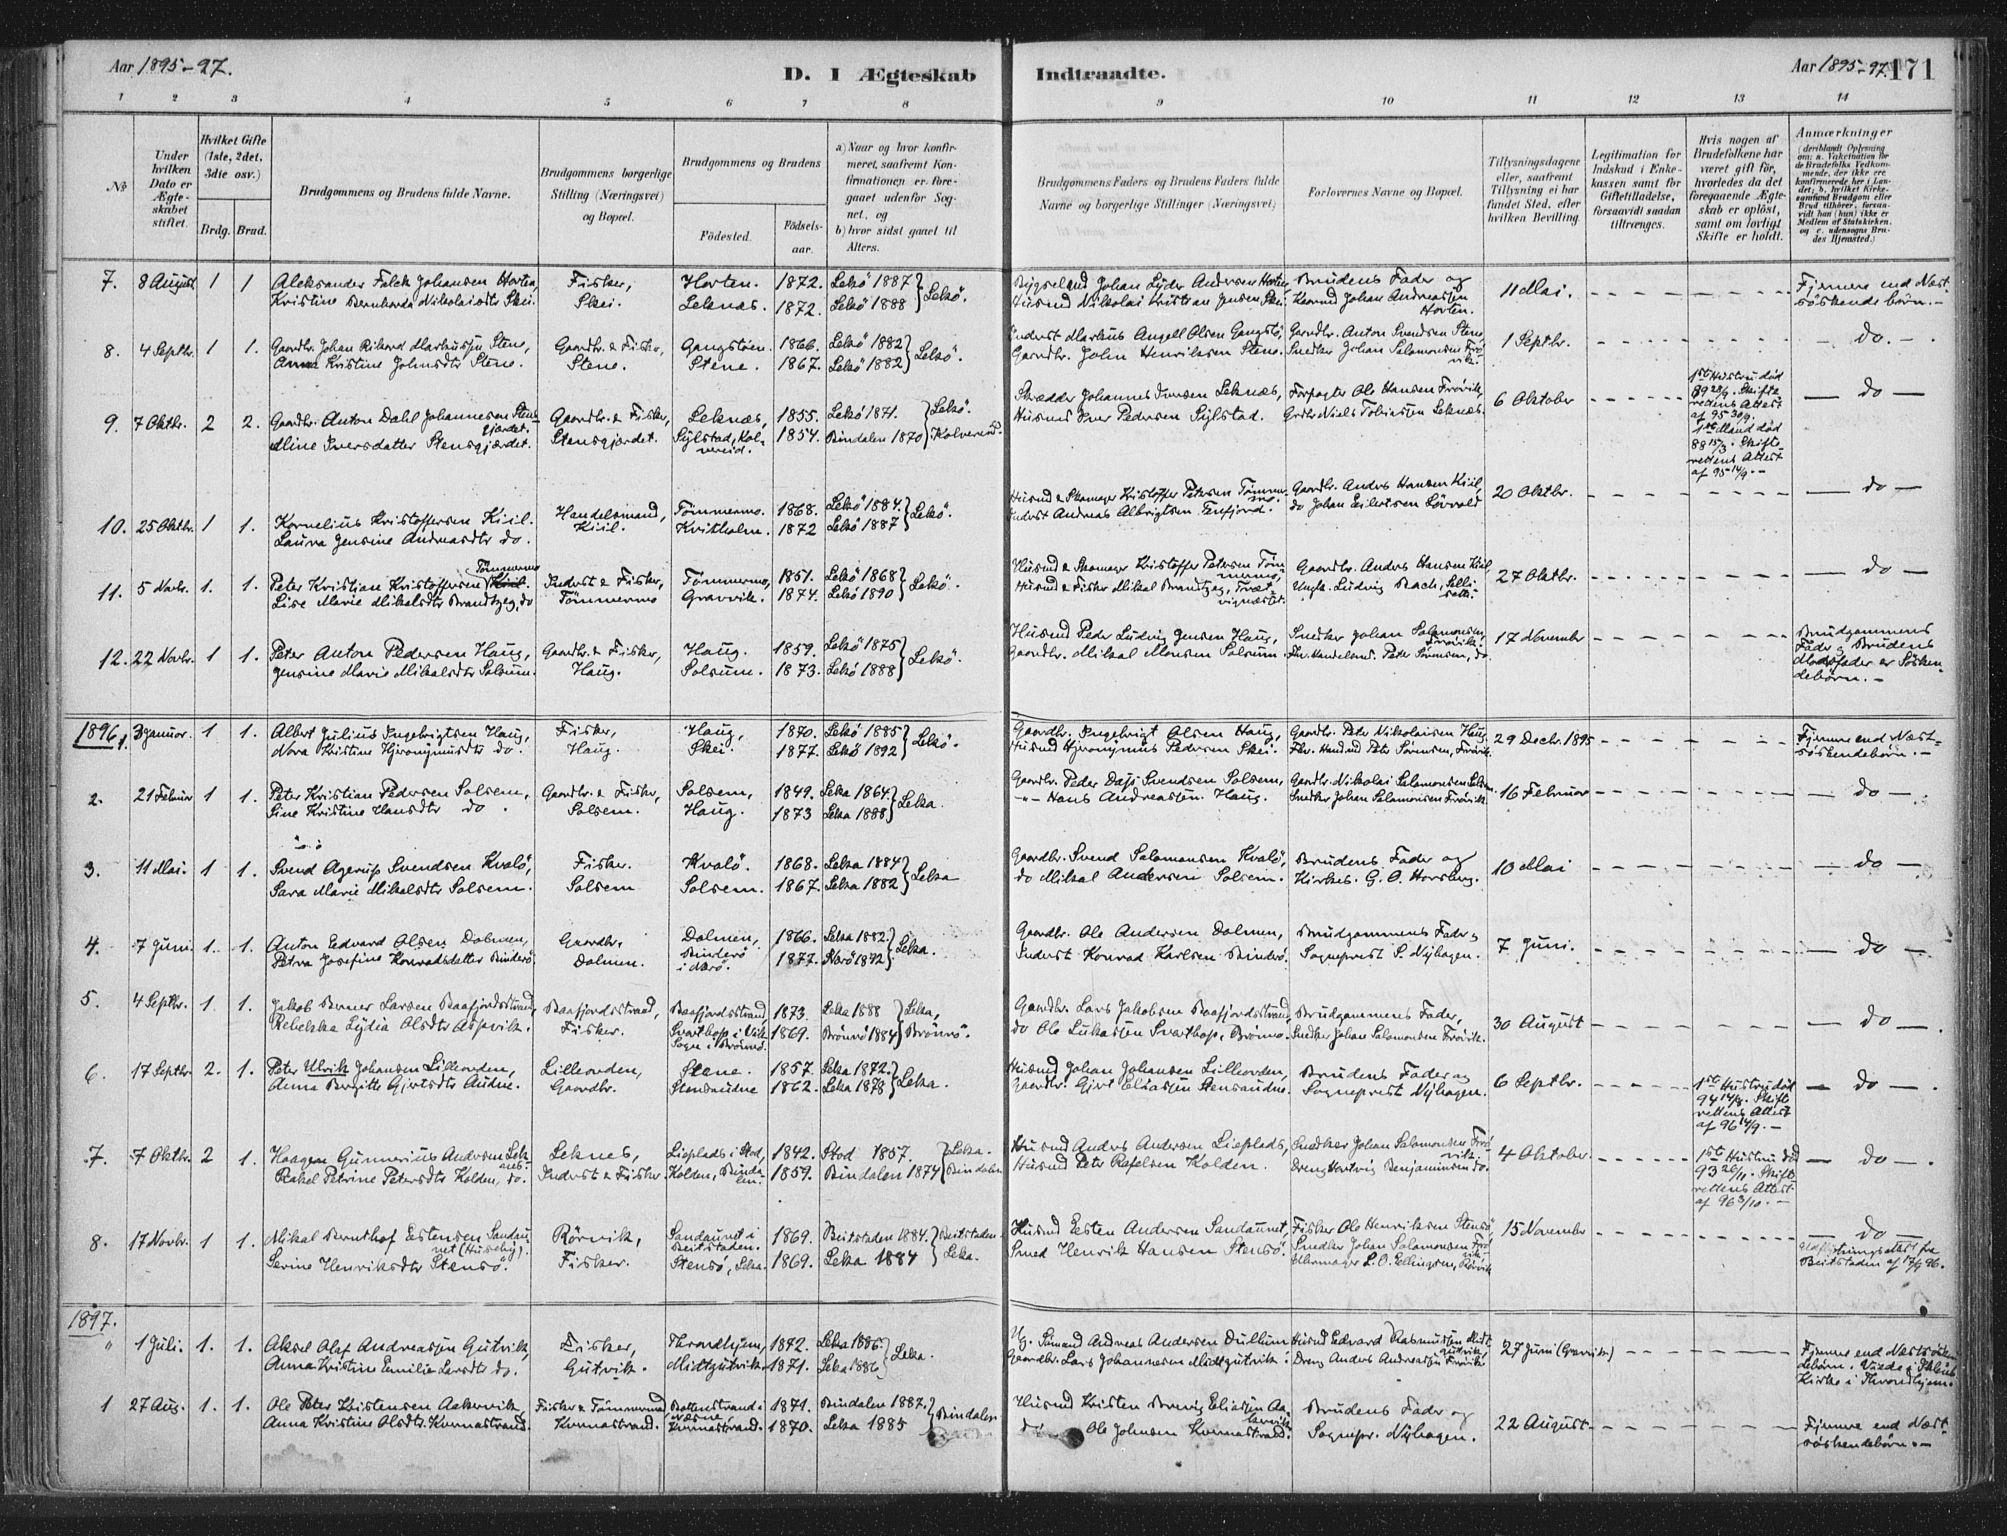 SAT, Ministerialprotokoller, klokkerbøker og fødselsregistre - Nord-Trøndelag, 788/L0697: Ministerialbok nr. 788A04, 1878-1902, s. 171